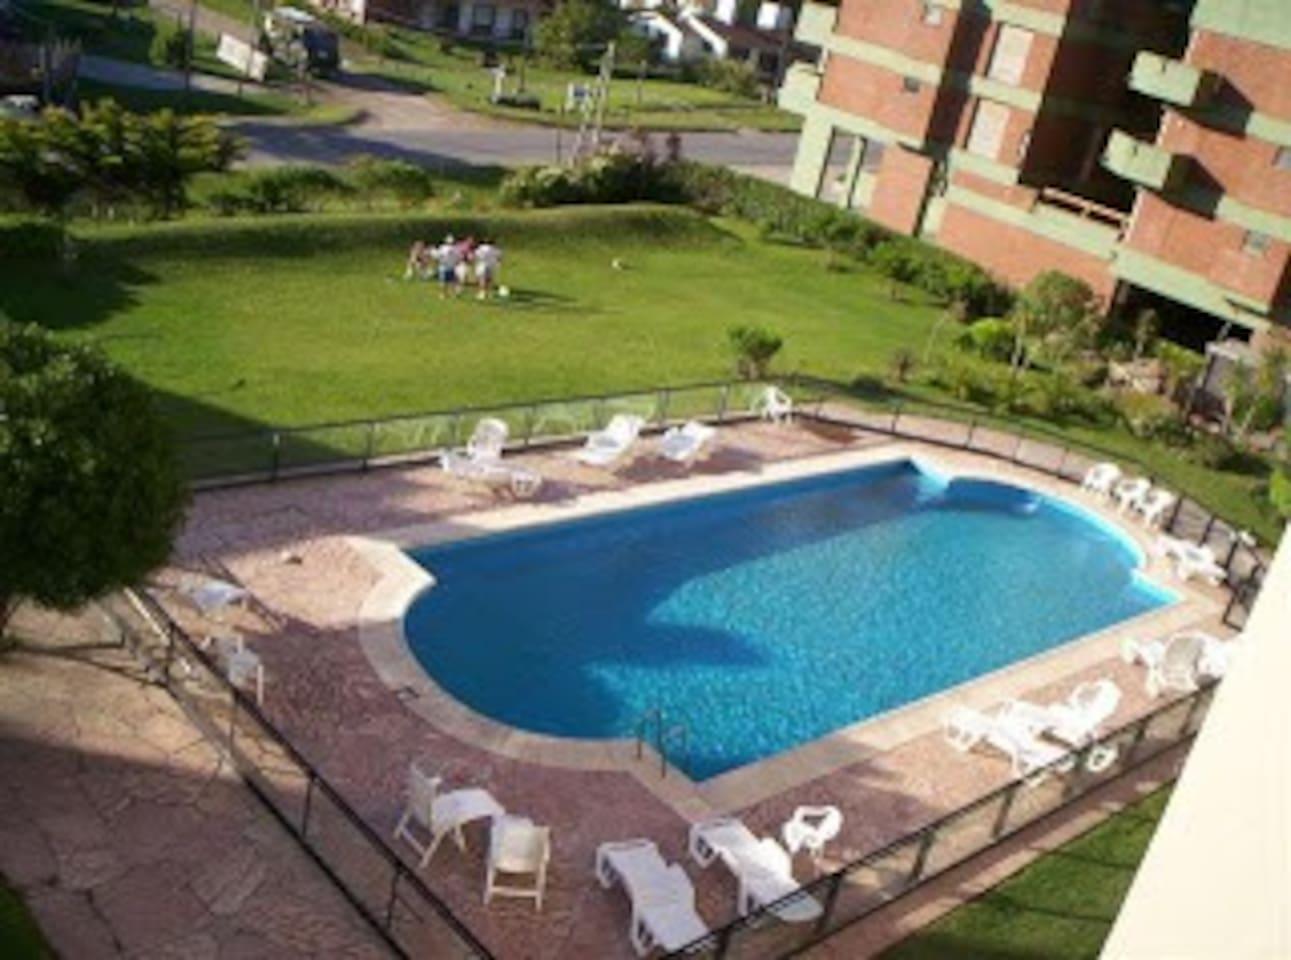 Gran piscina, solarium, repoceras, mesas y sillas con sombrillas en un gran parque.